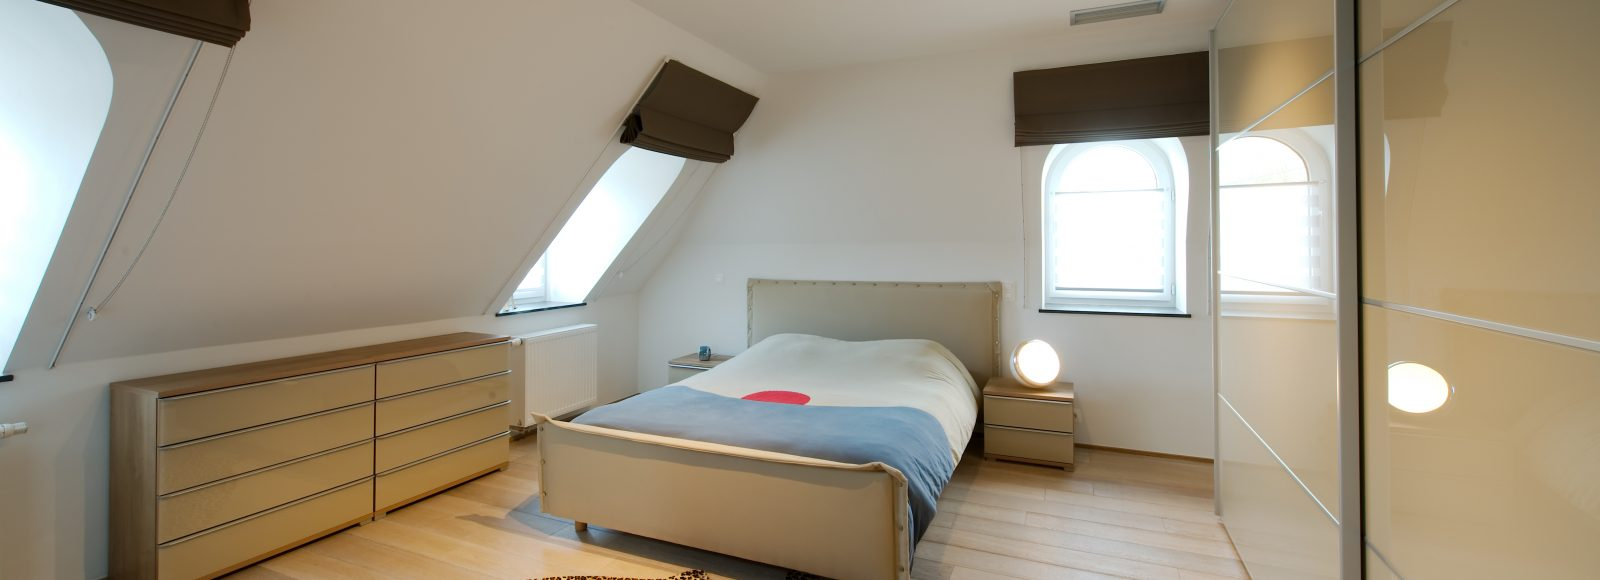 regularisation-sous-les-toits